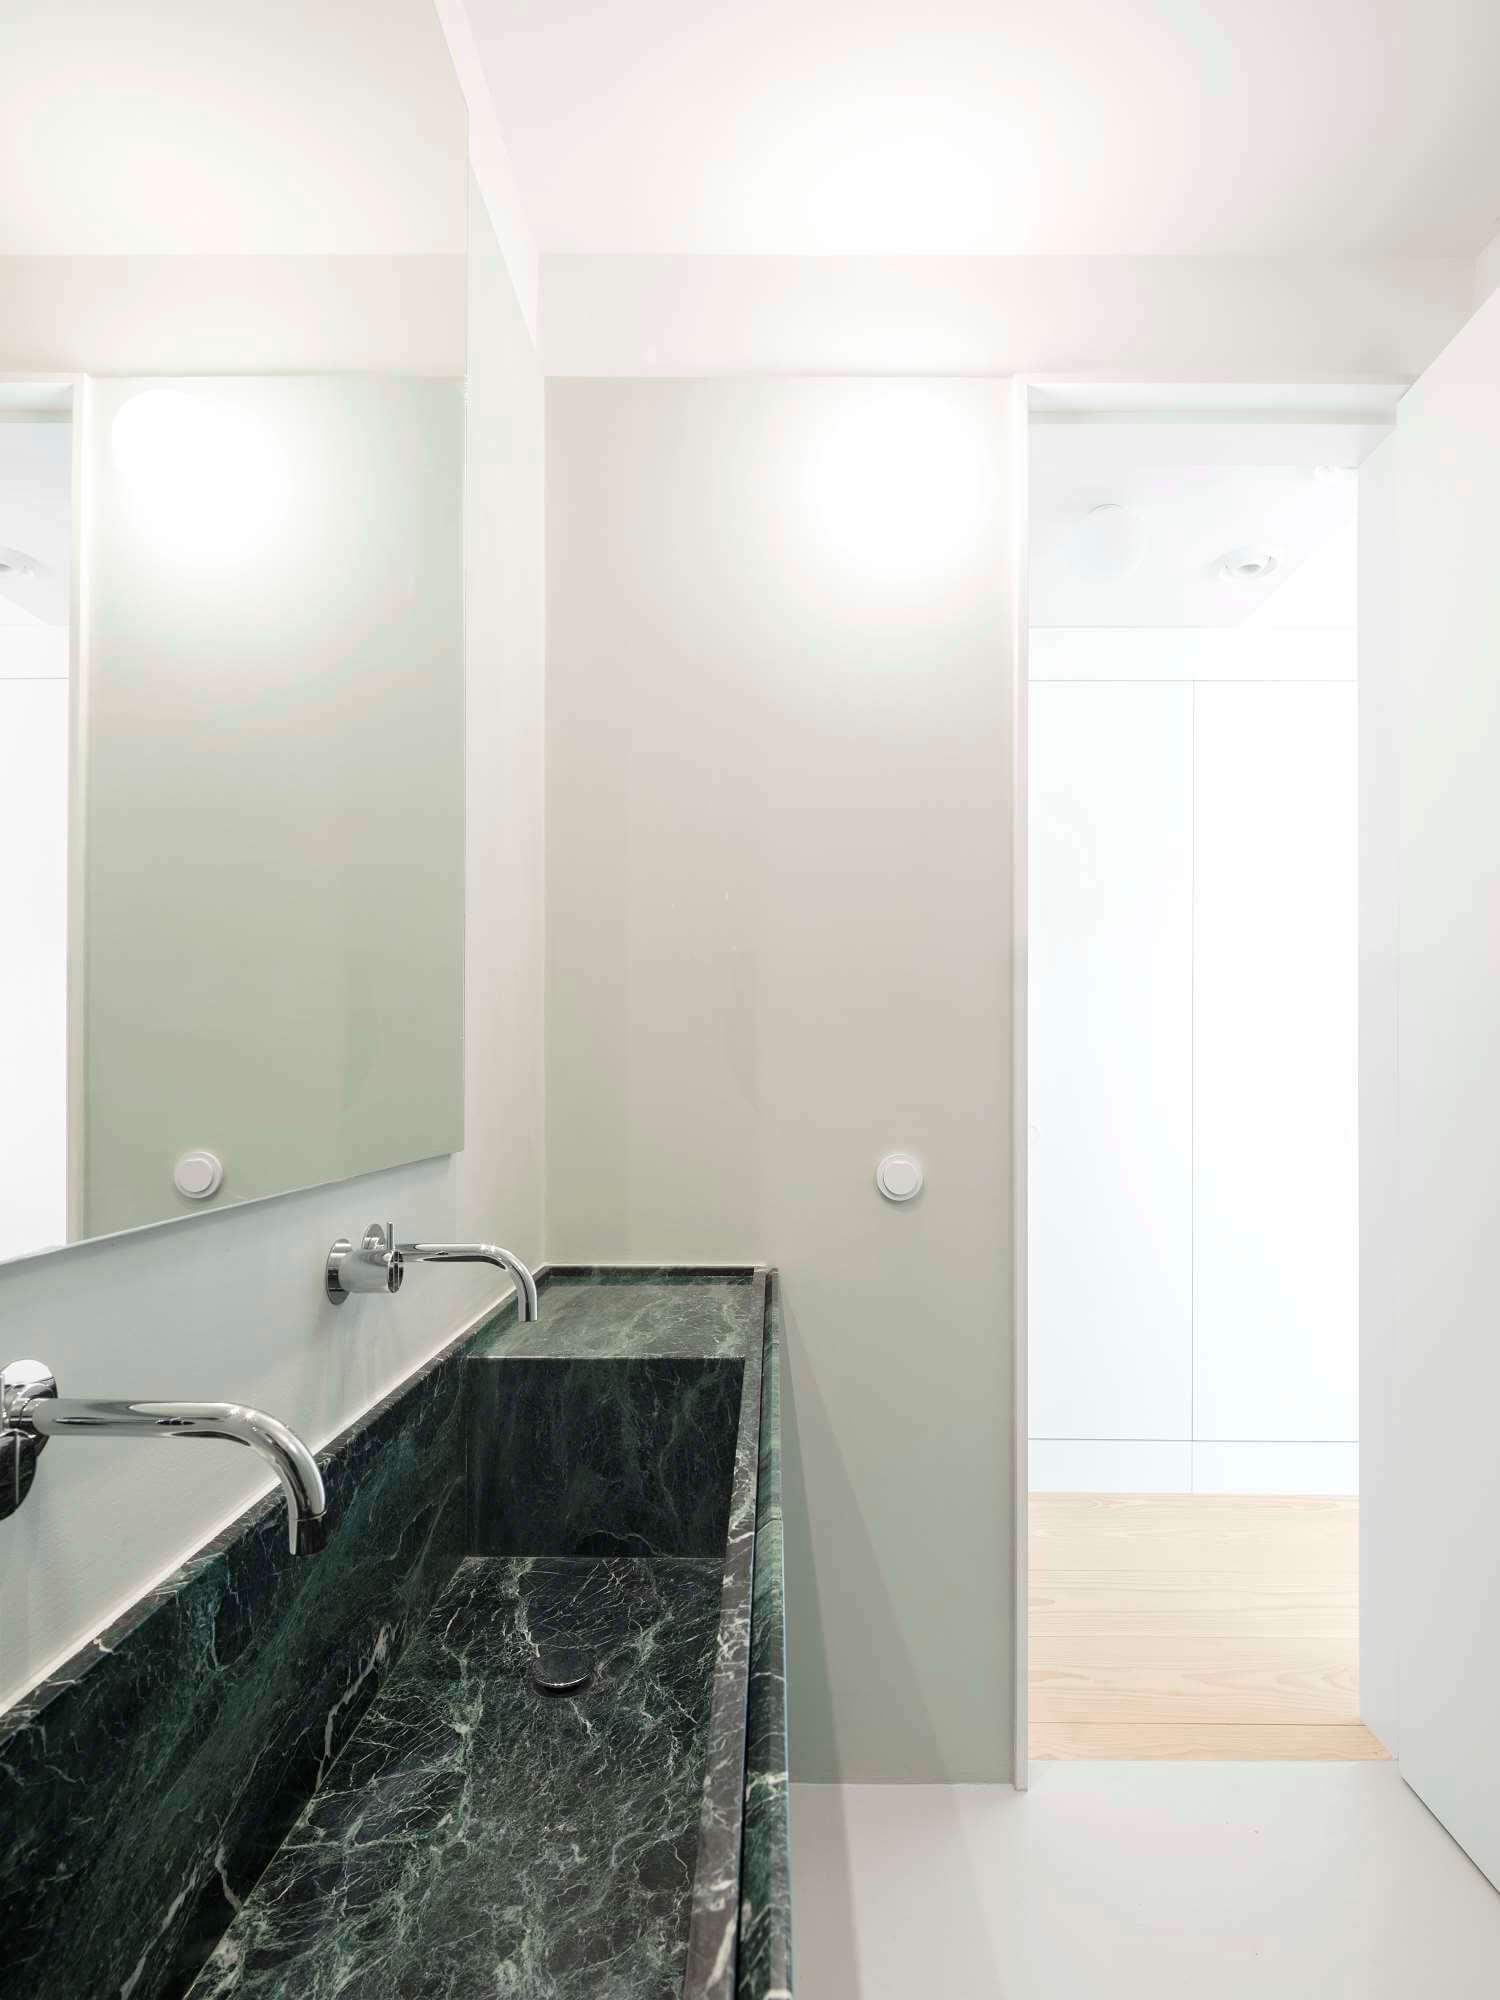 est living Apartment AMC rar studio 14